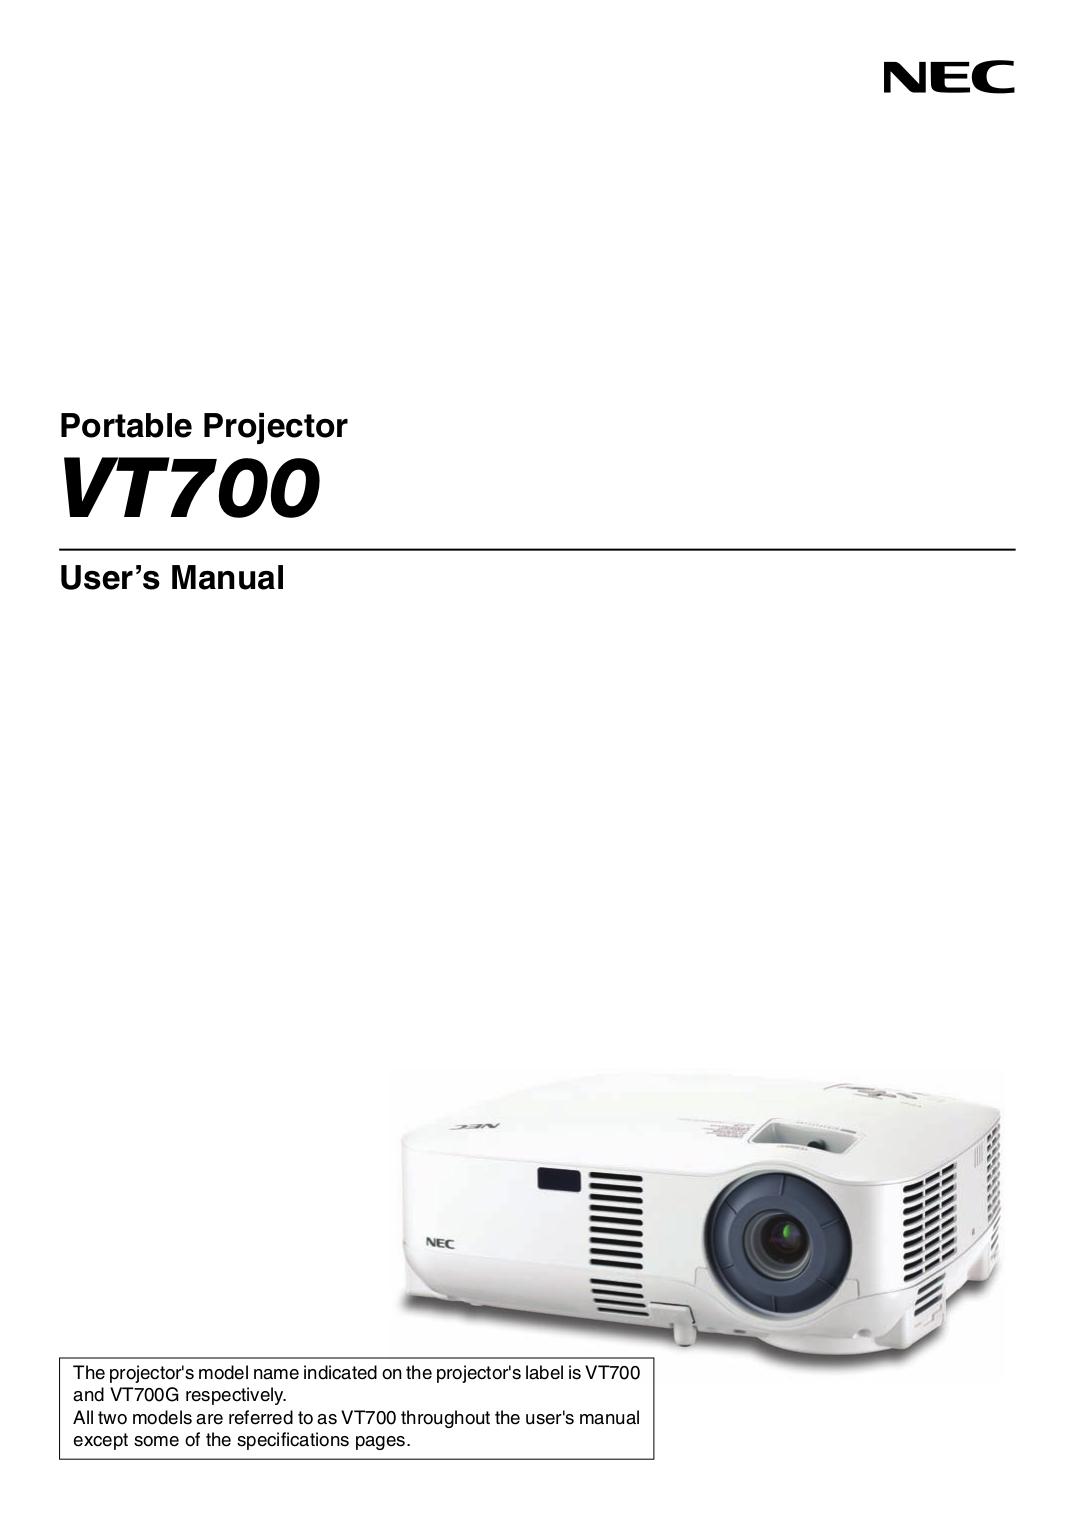 download free pdf for nec vt700 projector manual rh umlib com NEC VT700 Reset NEC VT700 Parts